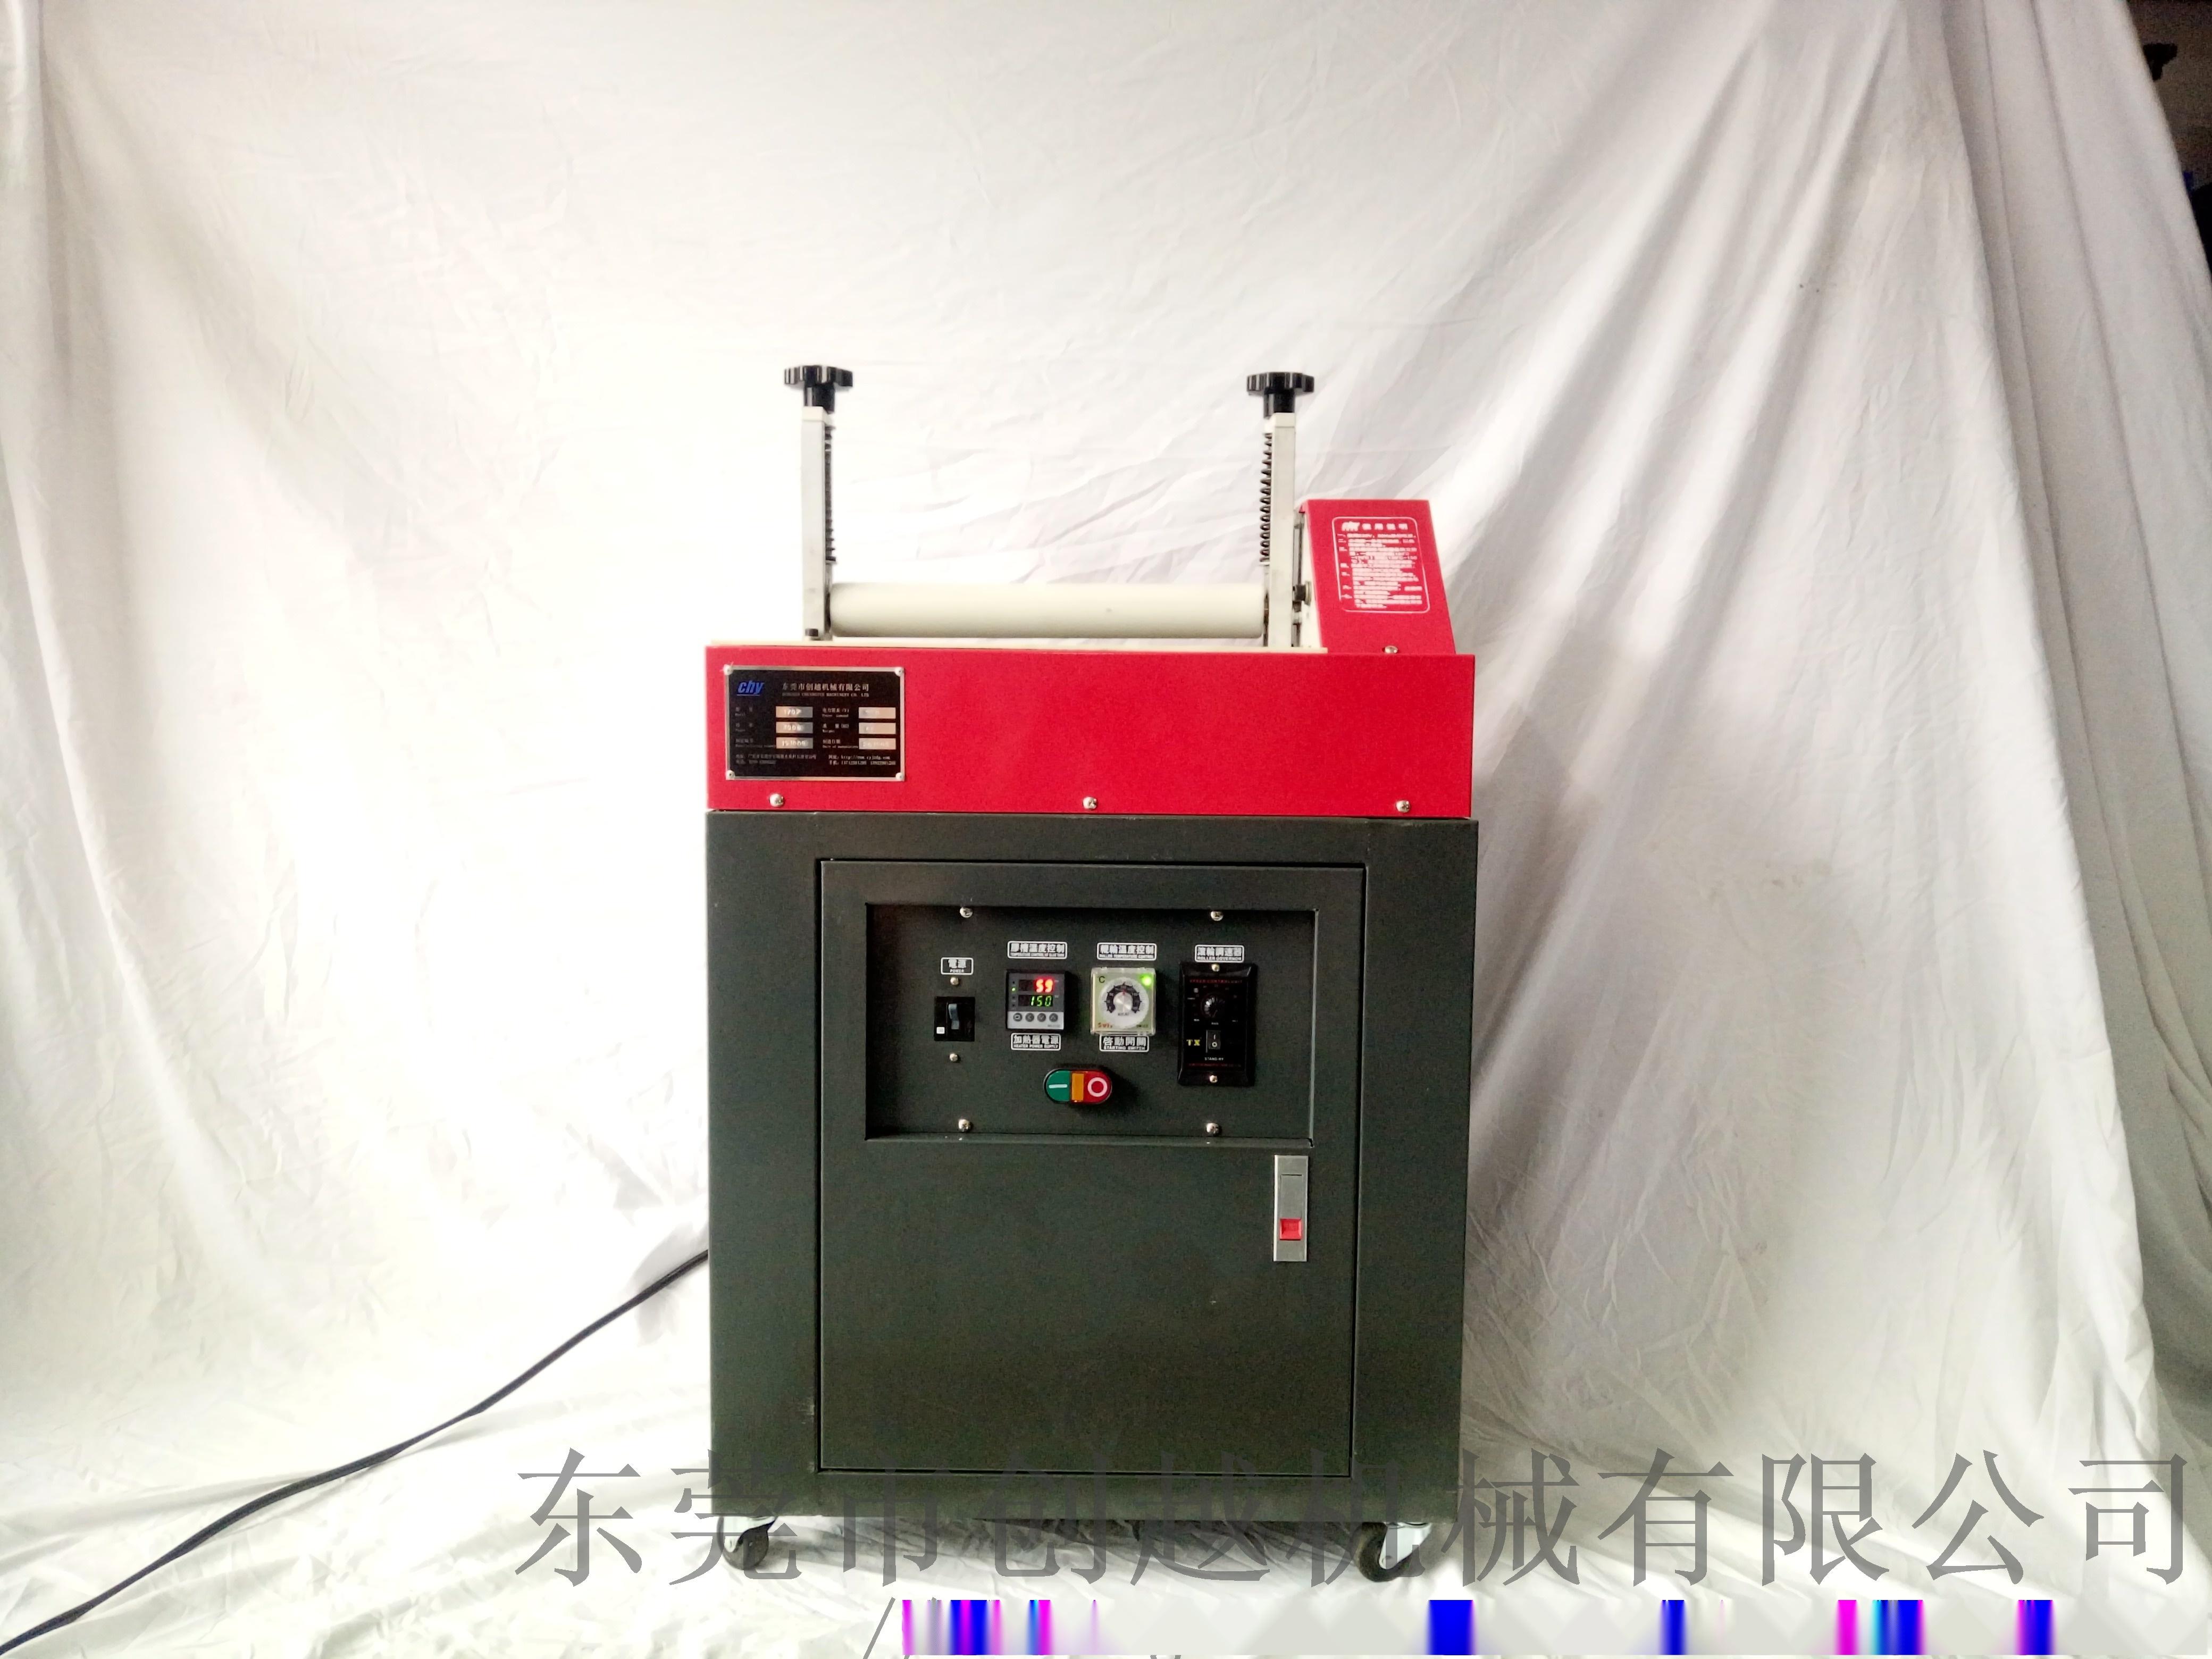 山东热熔胶机 热熔胶过胶机 EVA过胶机设备811654162